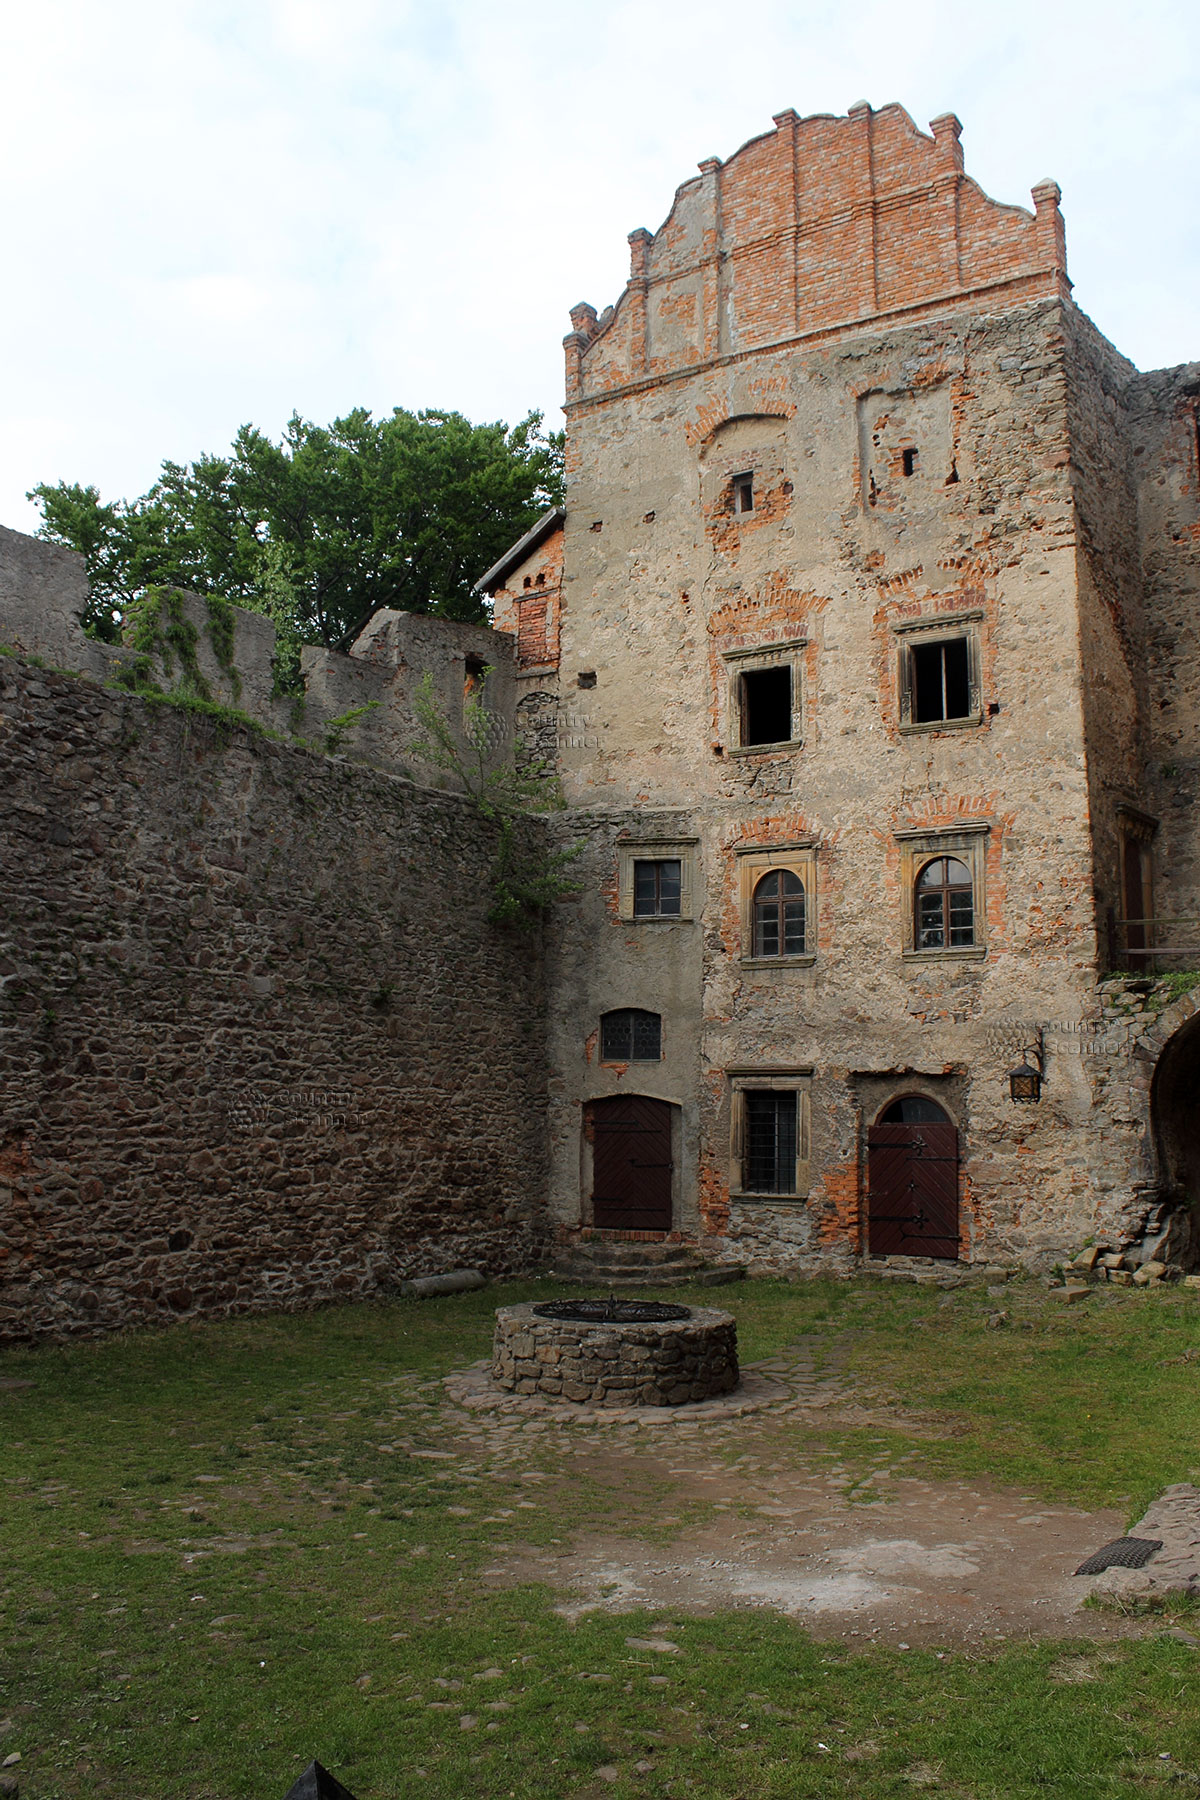 Колодец исполняющий желания в замке Гродно